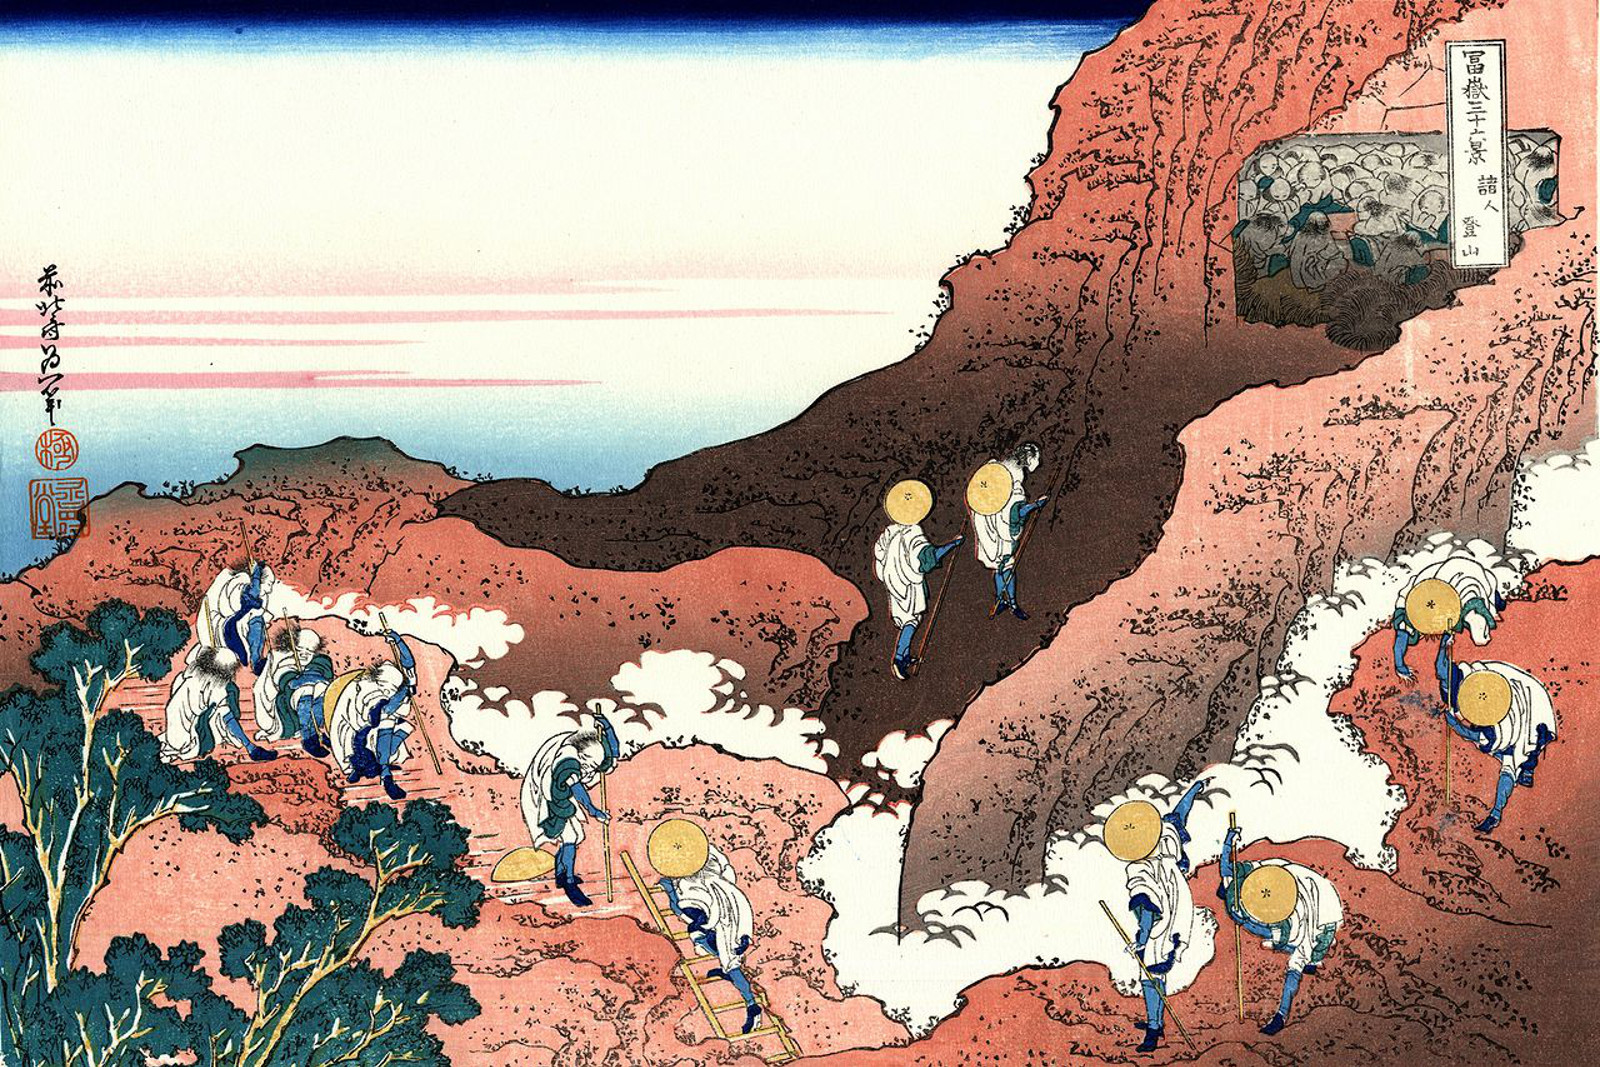 Wspinaczka nagórę Fuji: wodwiedzinach uFuji-san! Zaproszenie napokaz zdjęć